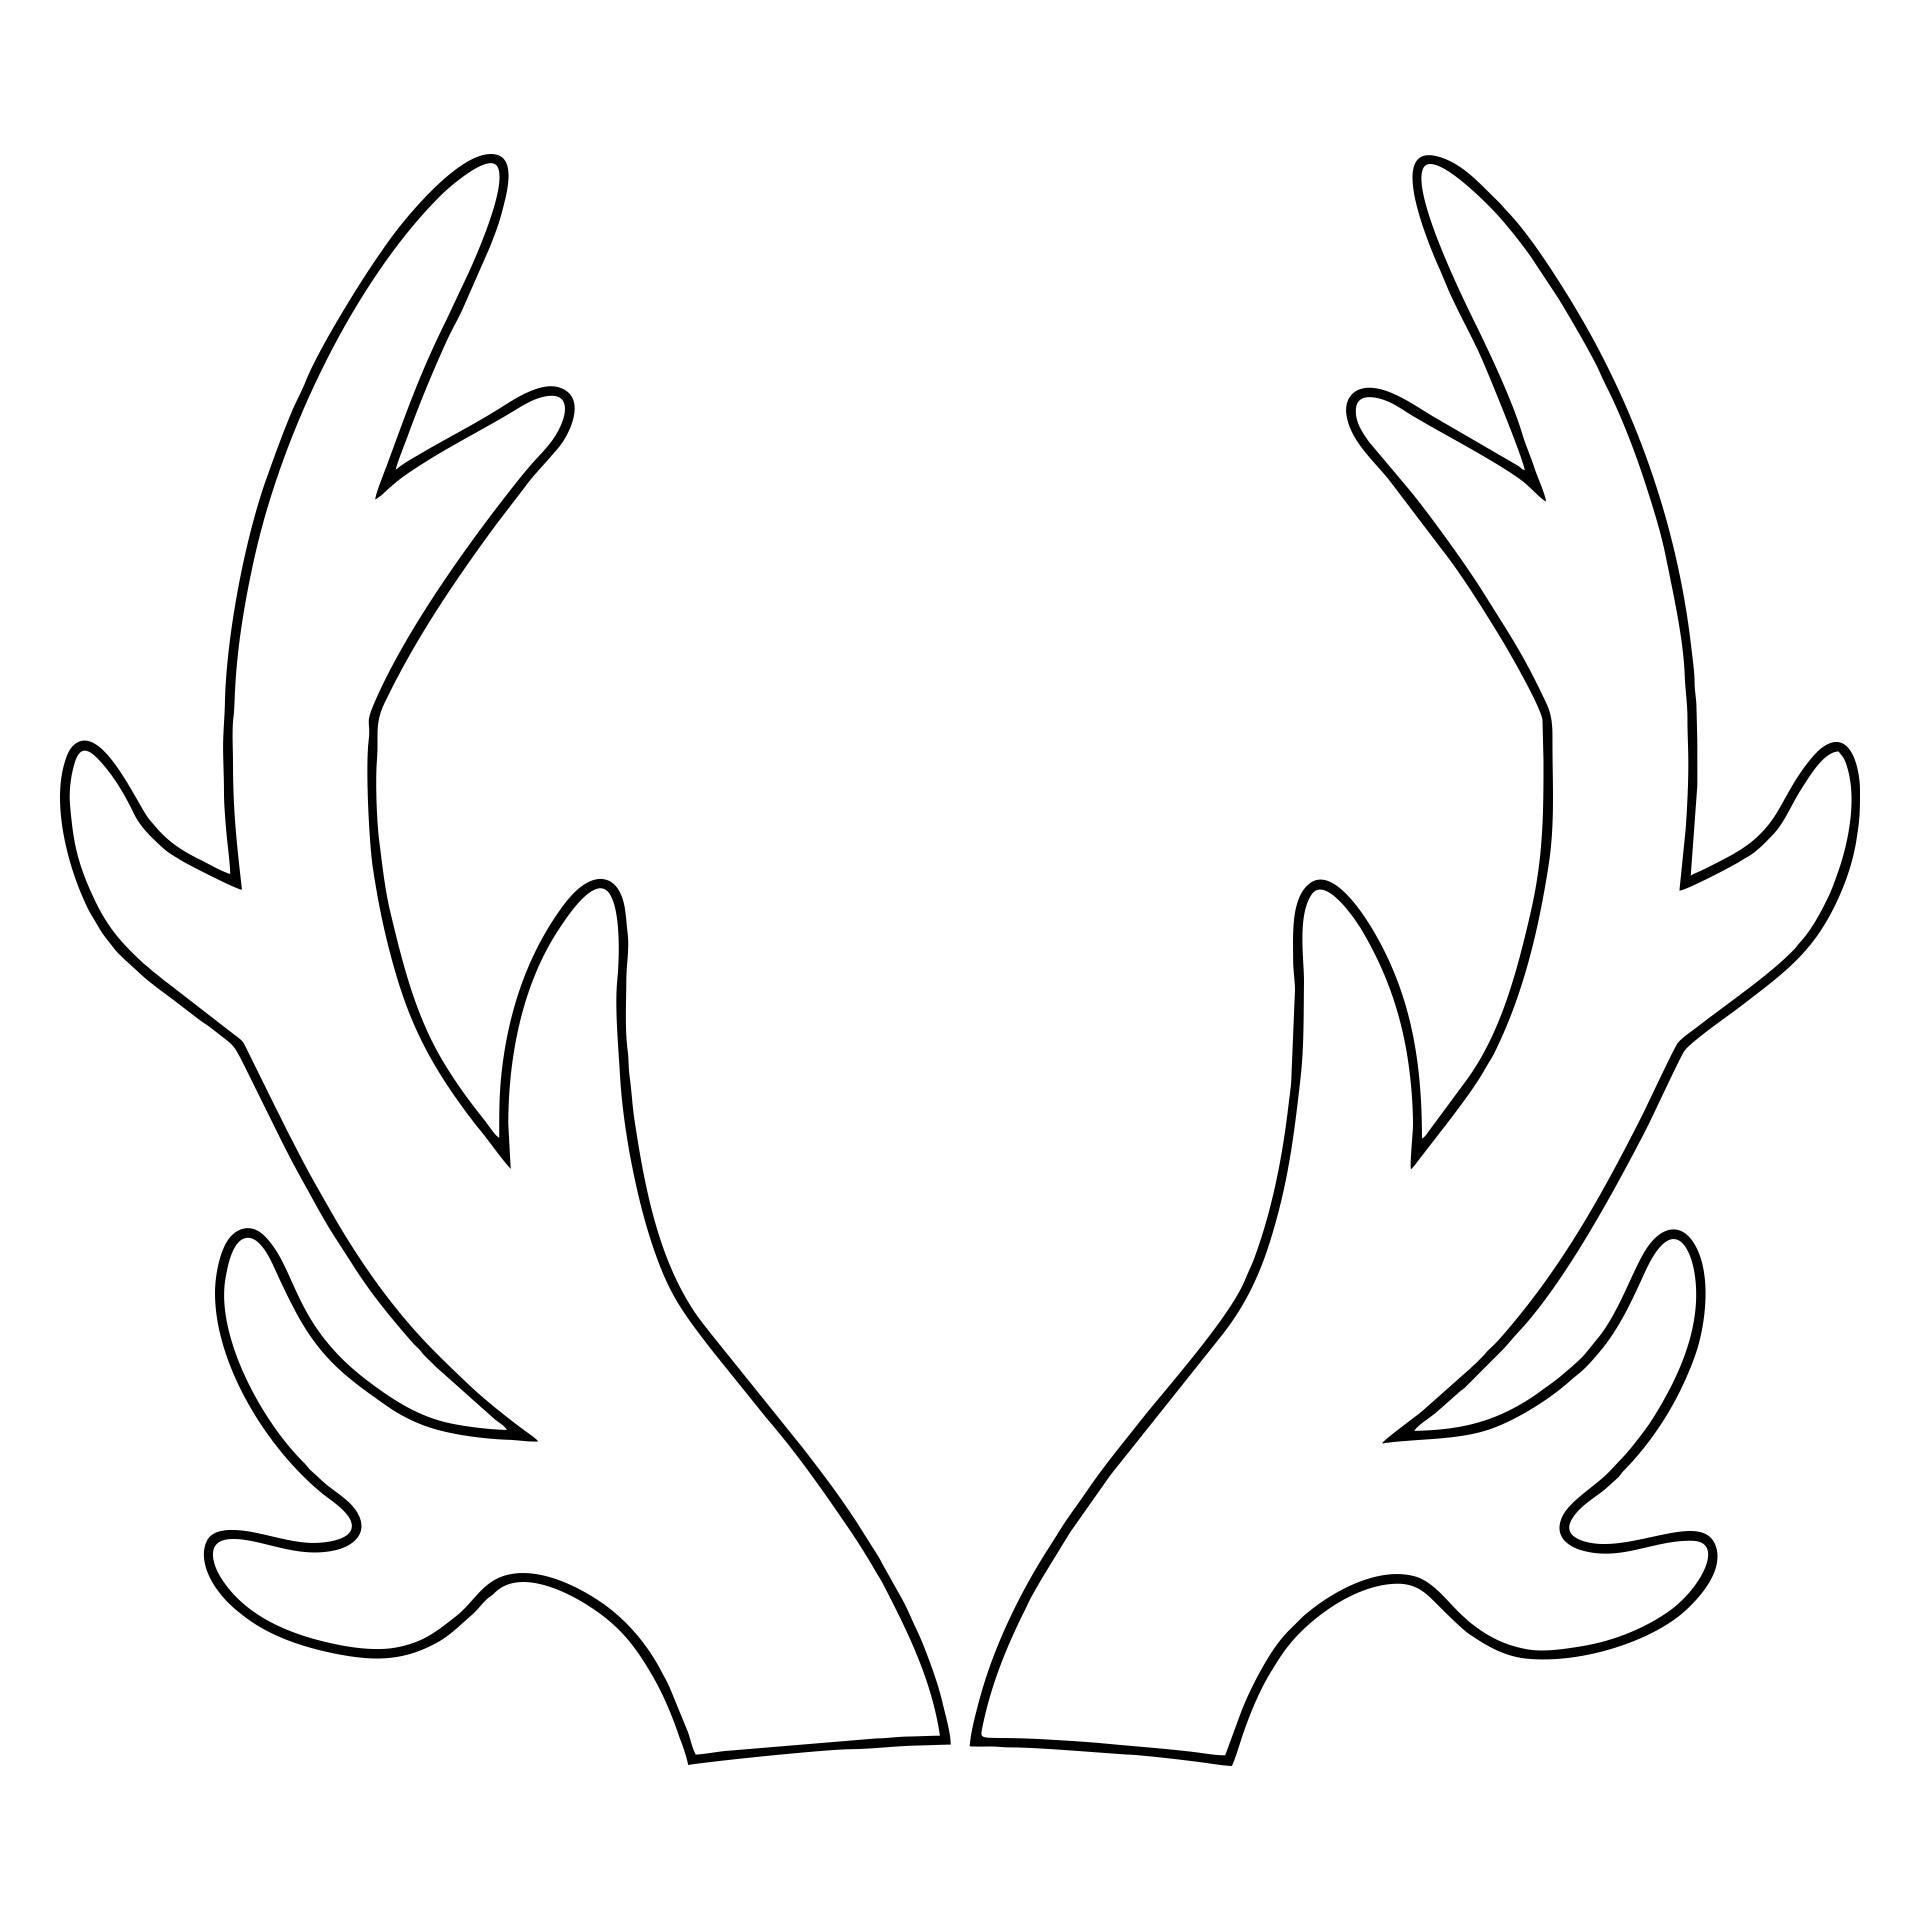 Printable Reindeer Antler Patterns